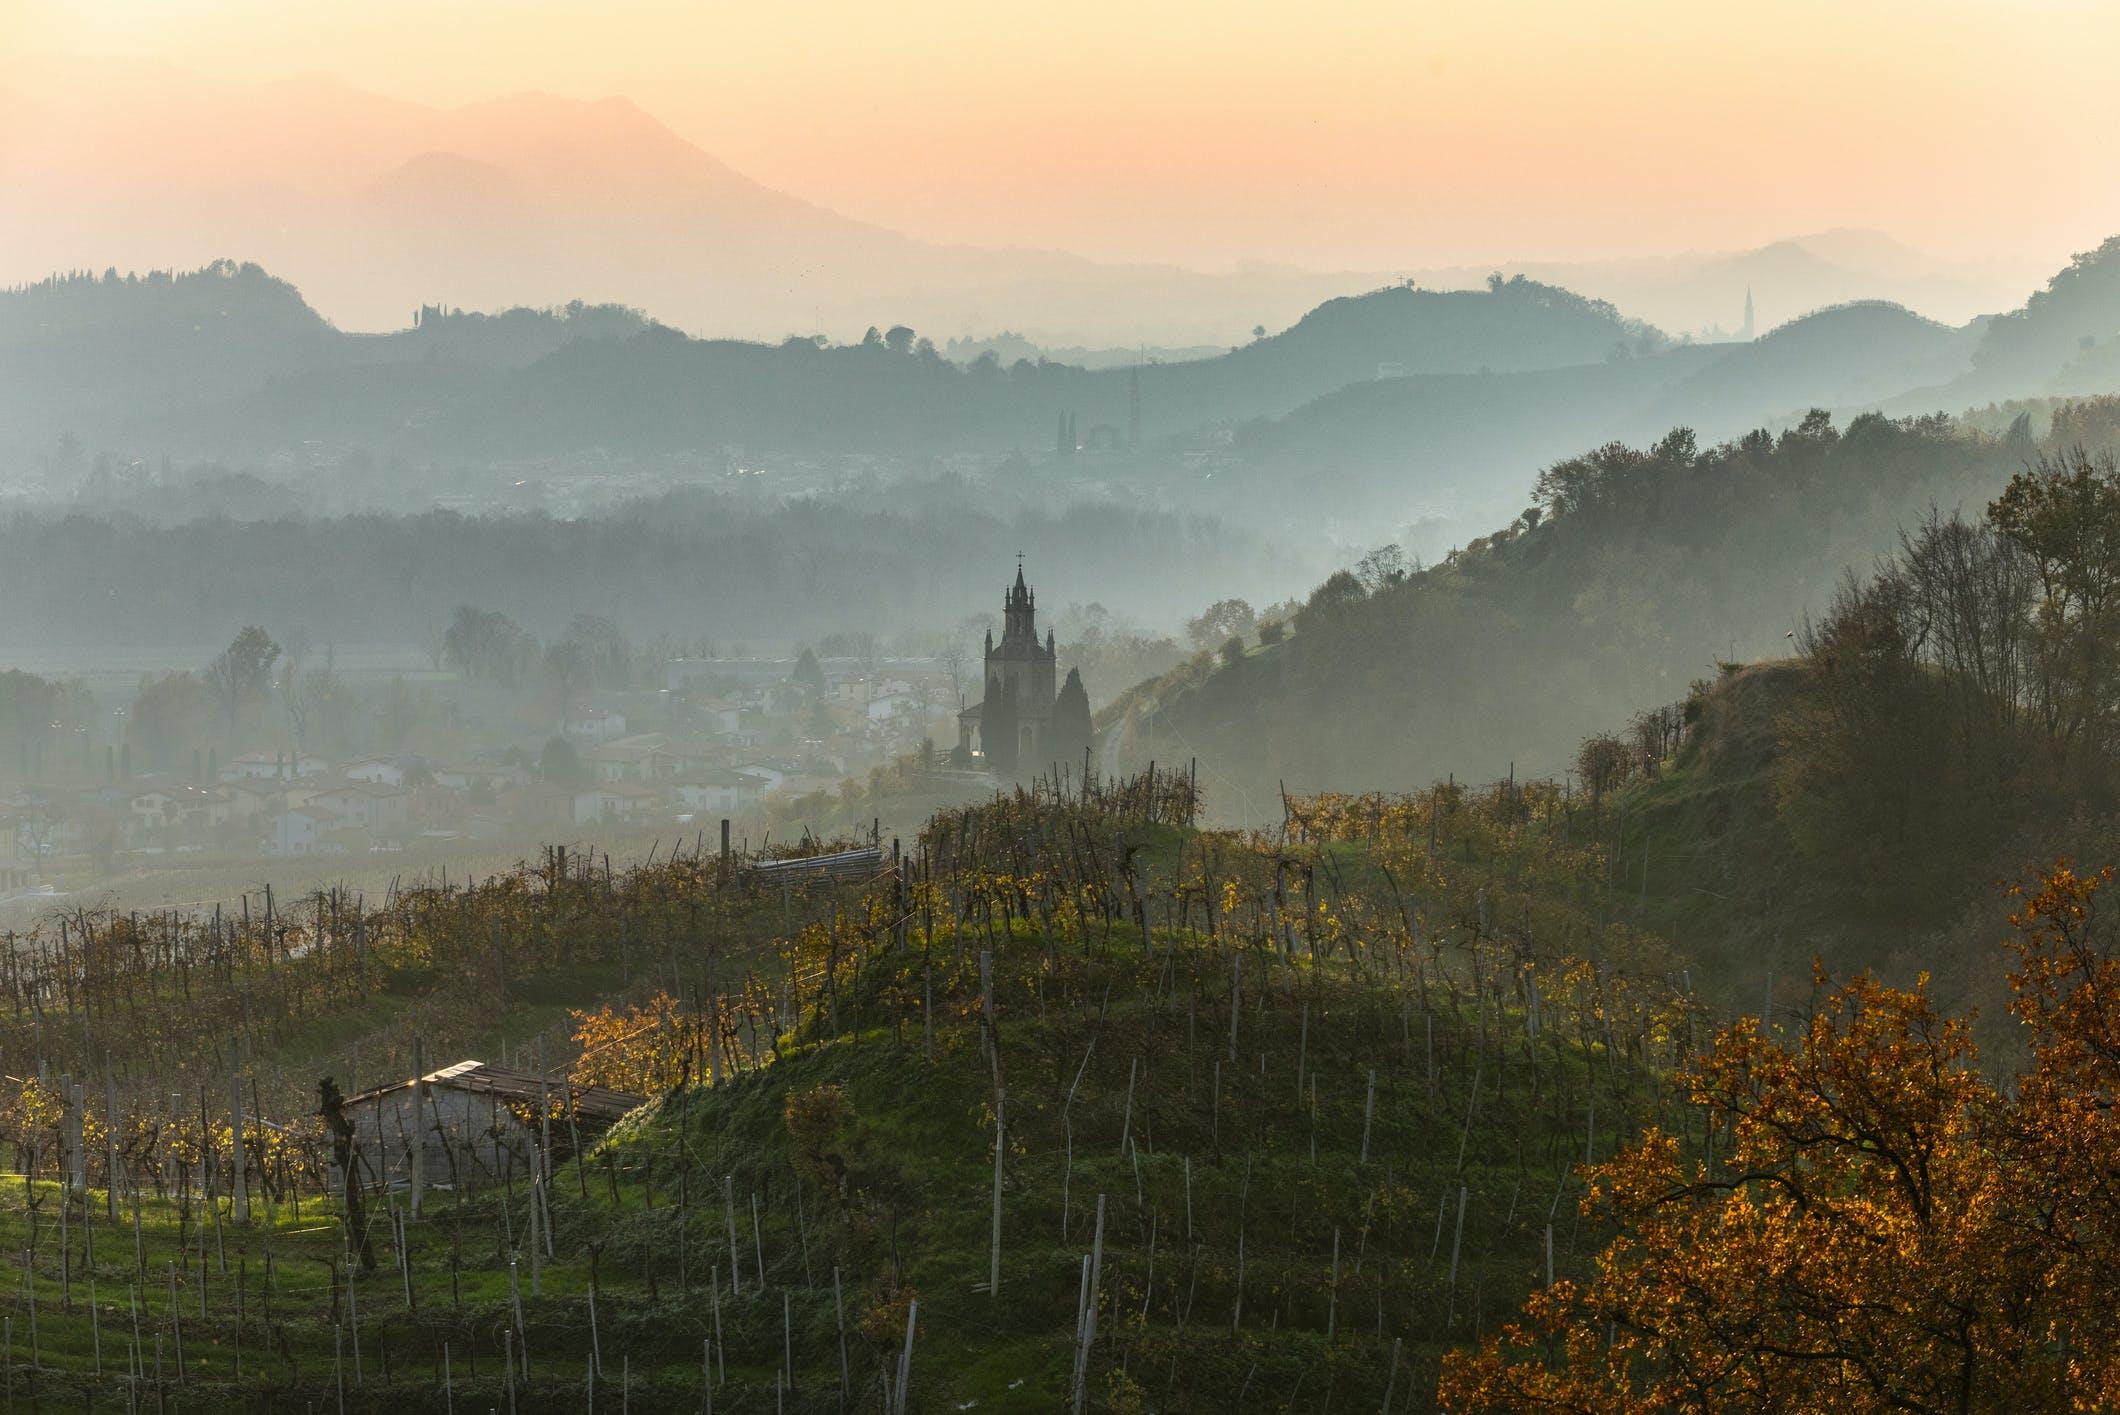 Maak 's avonds een wandeling langs de wijngaarden en word getrakteerd op een prachtige zonsondergang